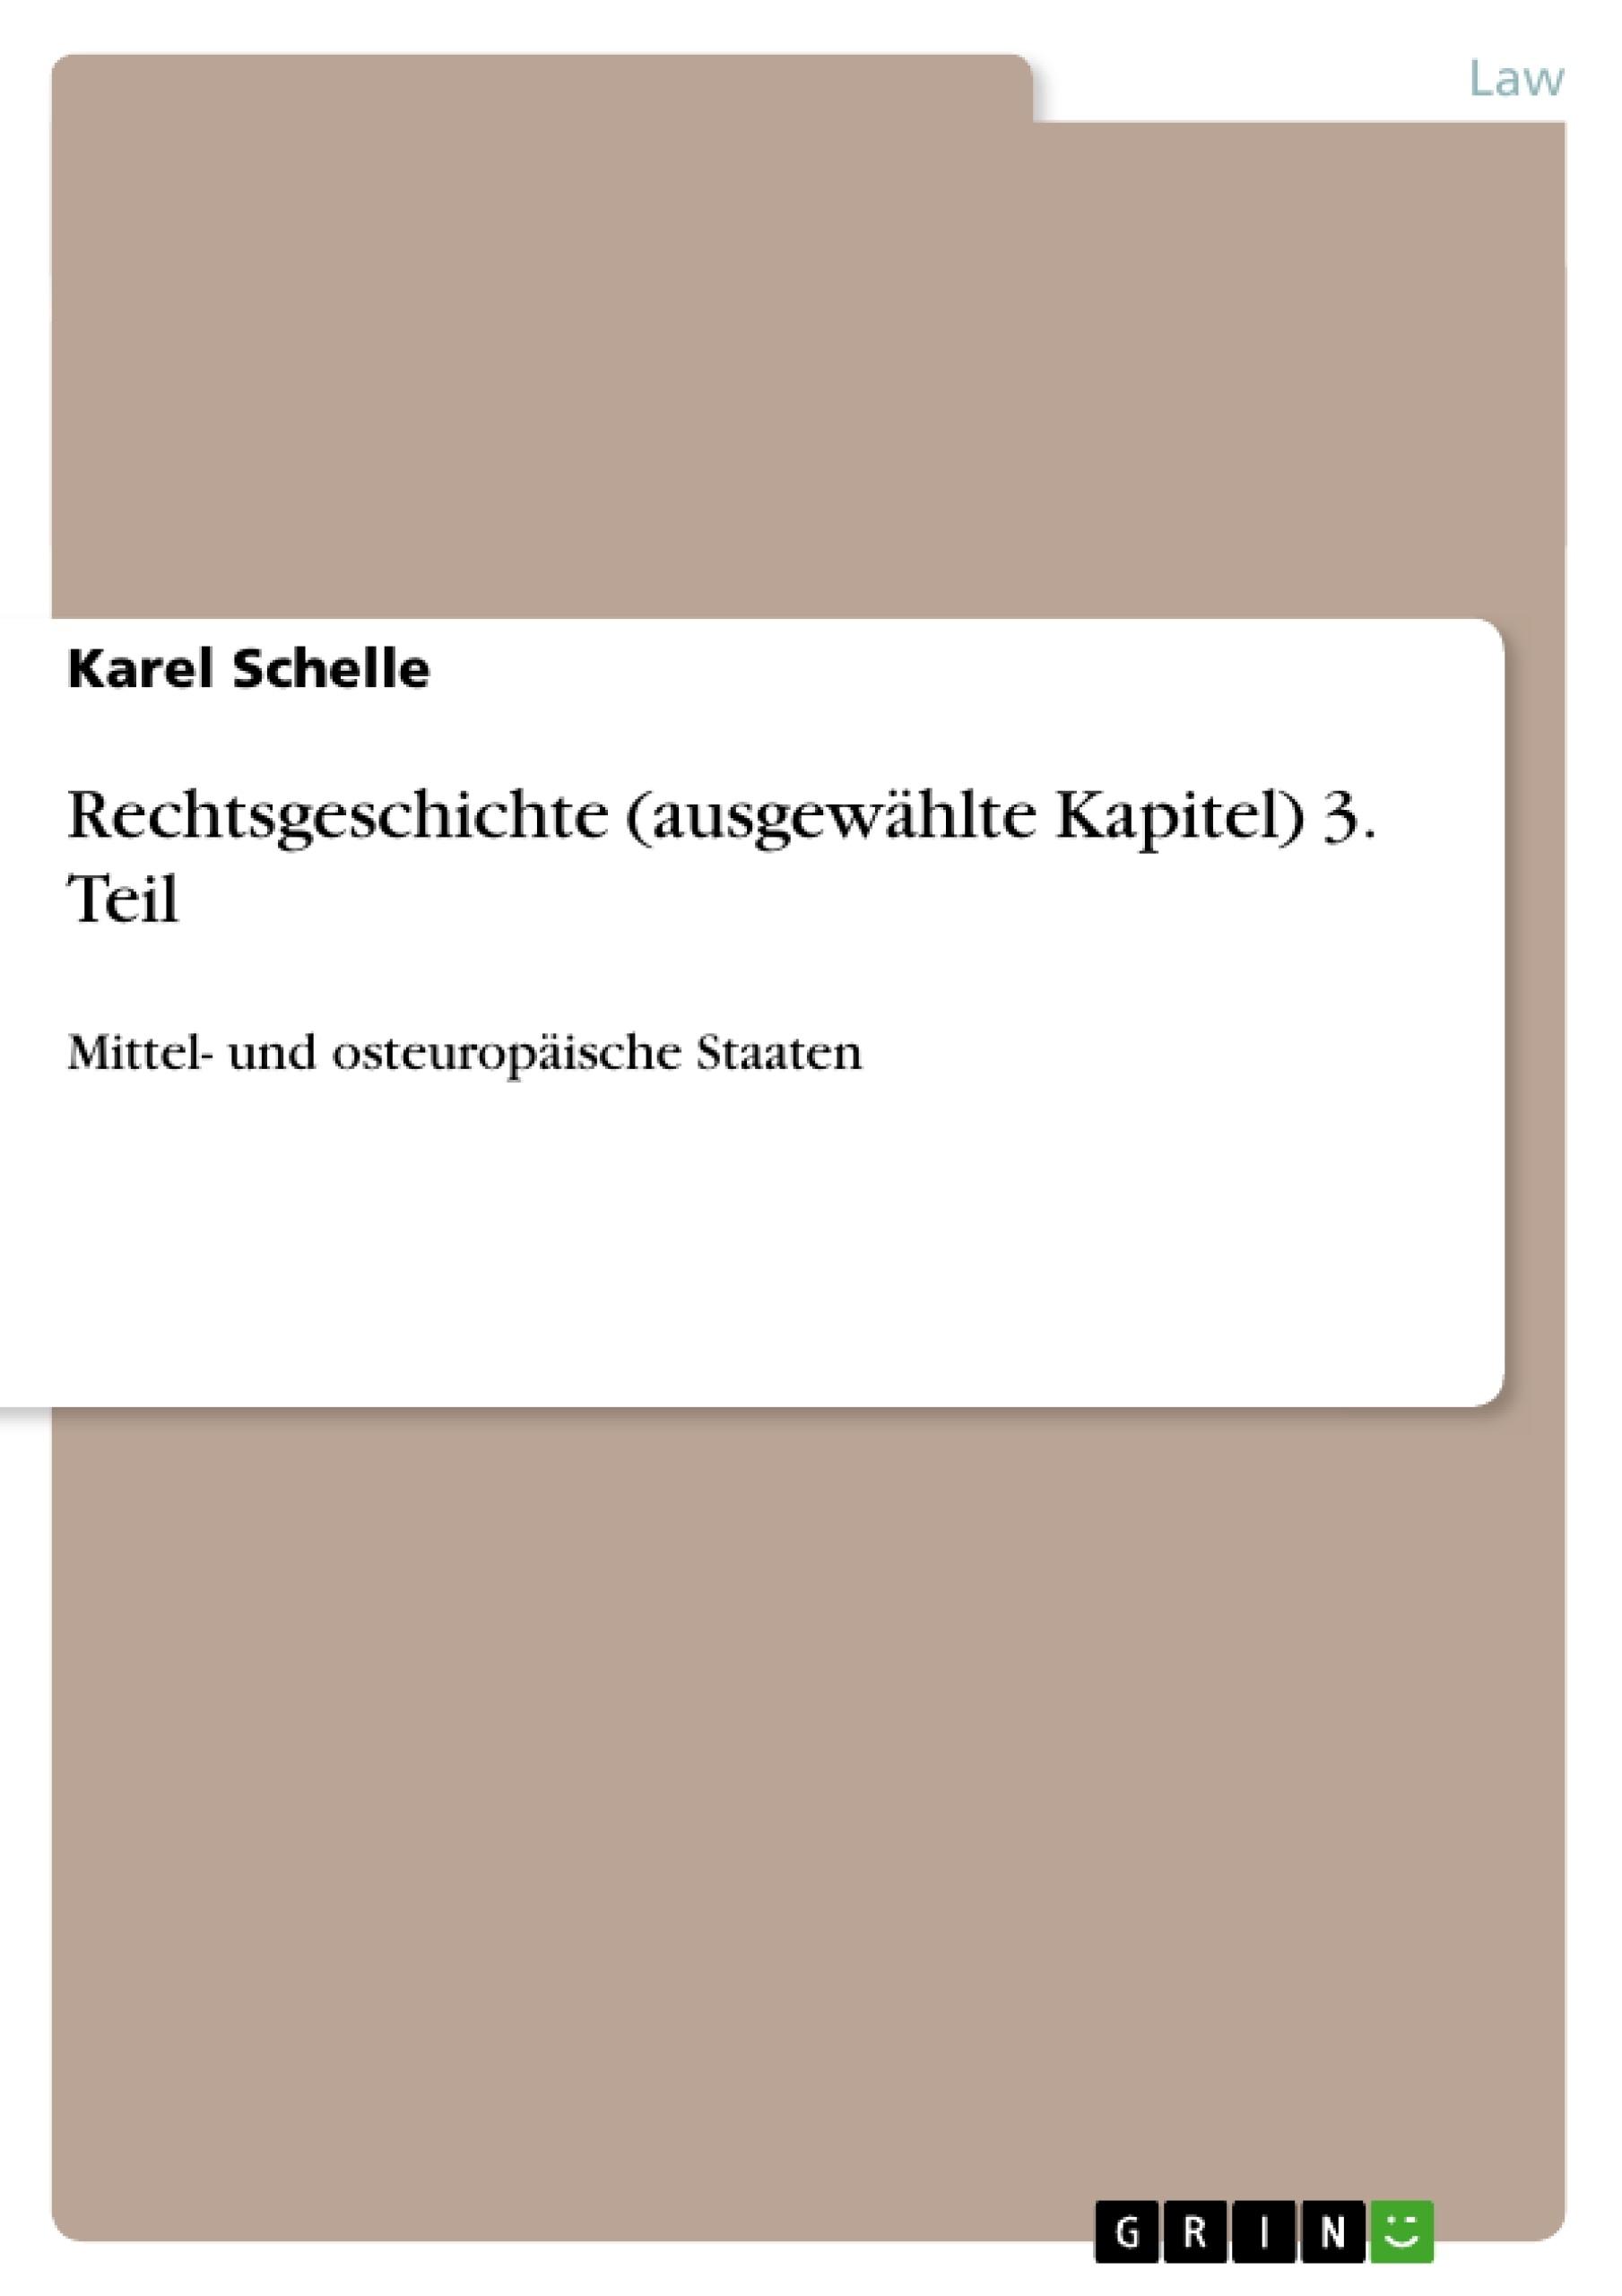 Title: Rechtsgeschichte (ausgewählte Kapitel)  3. Teil